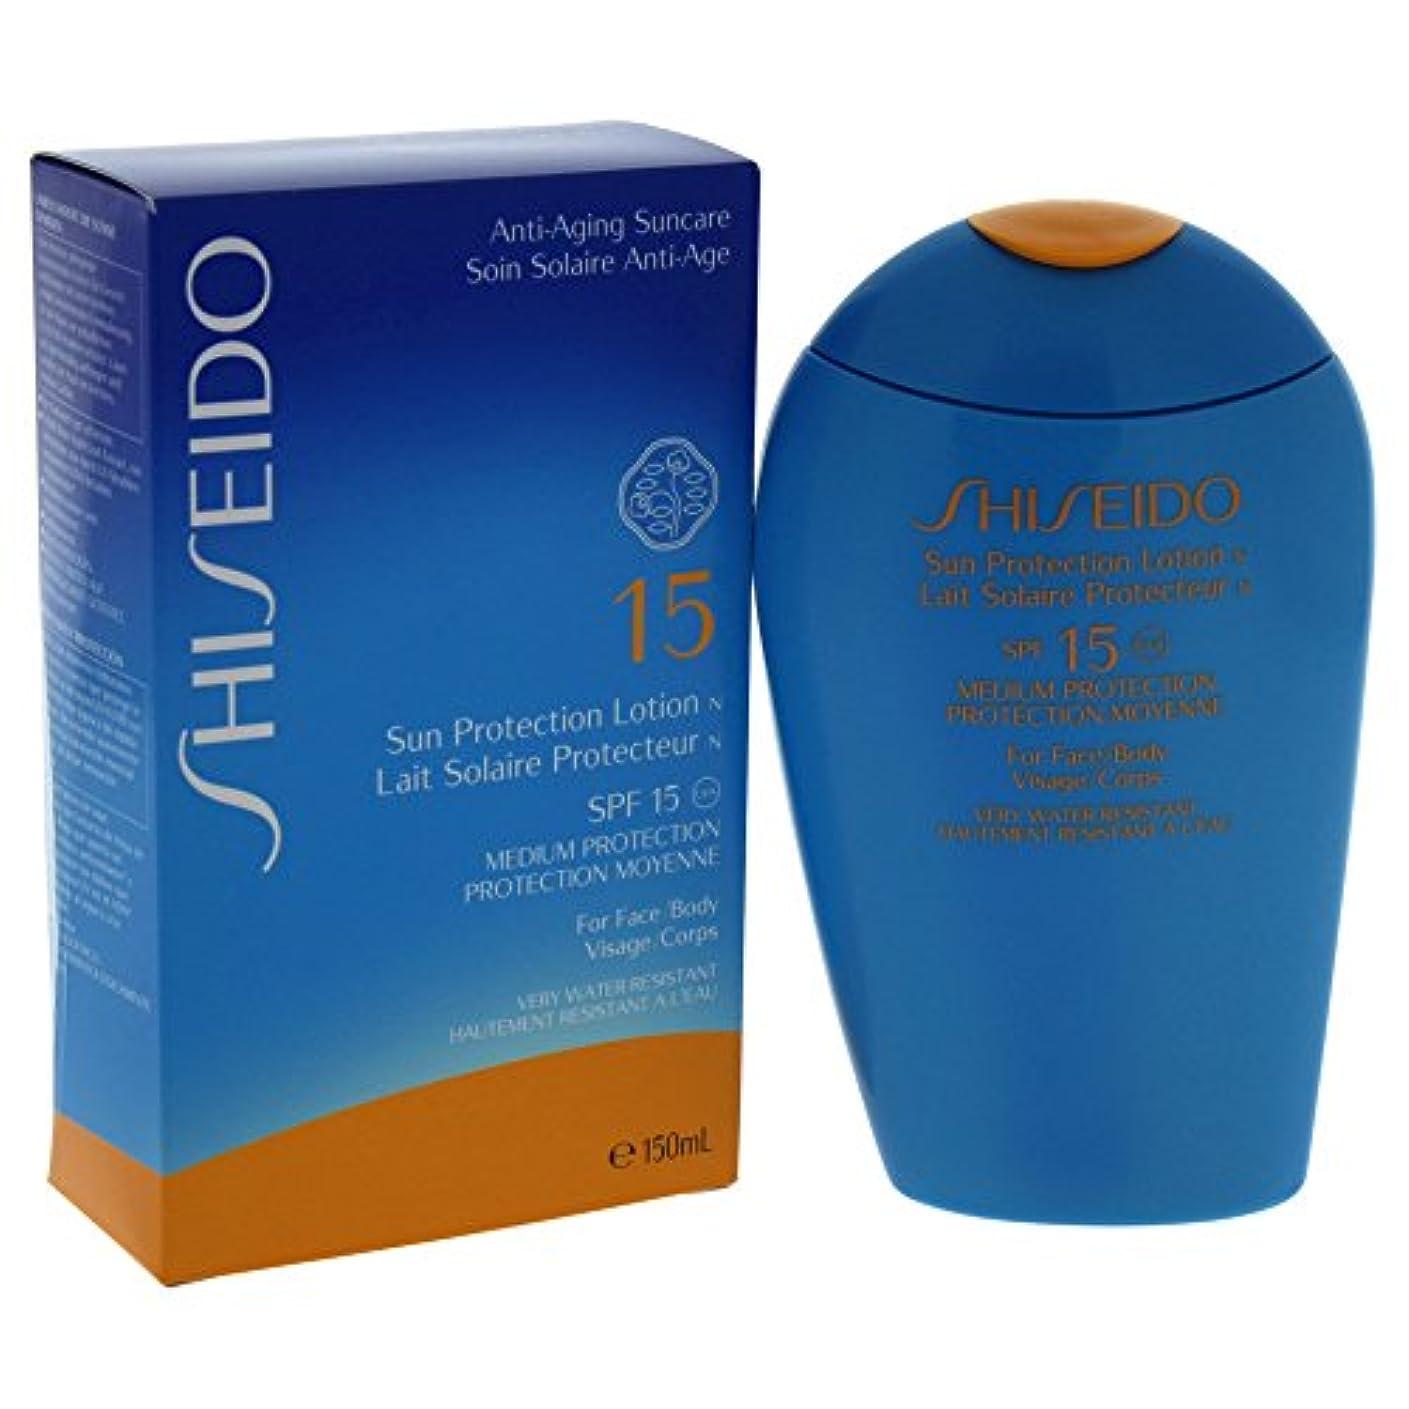 横にご覧くださいラグ資生堂 Sun Protection Lotion N SPF 15 (For Face & Body) 150ml/5oz並行輸入品